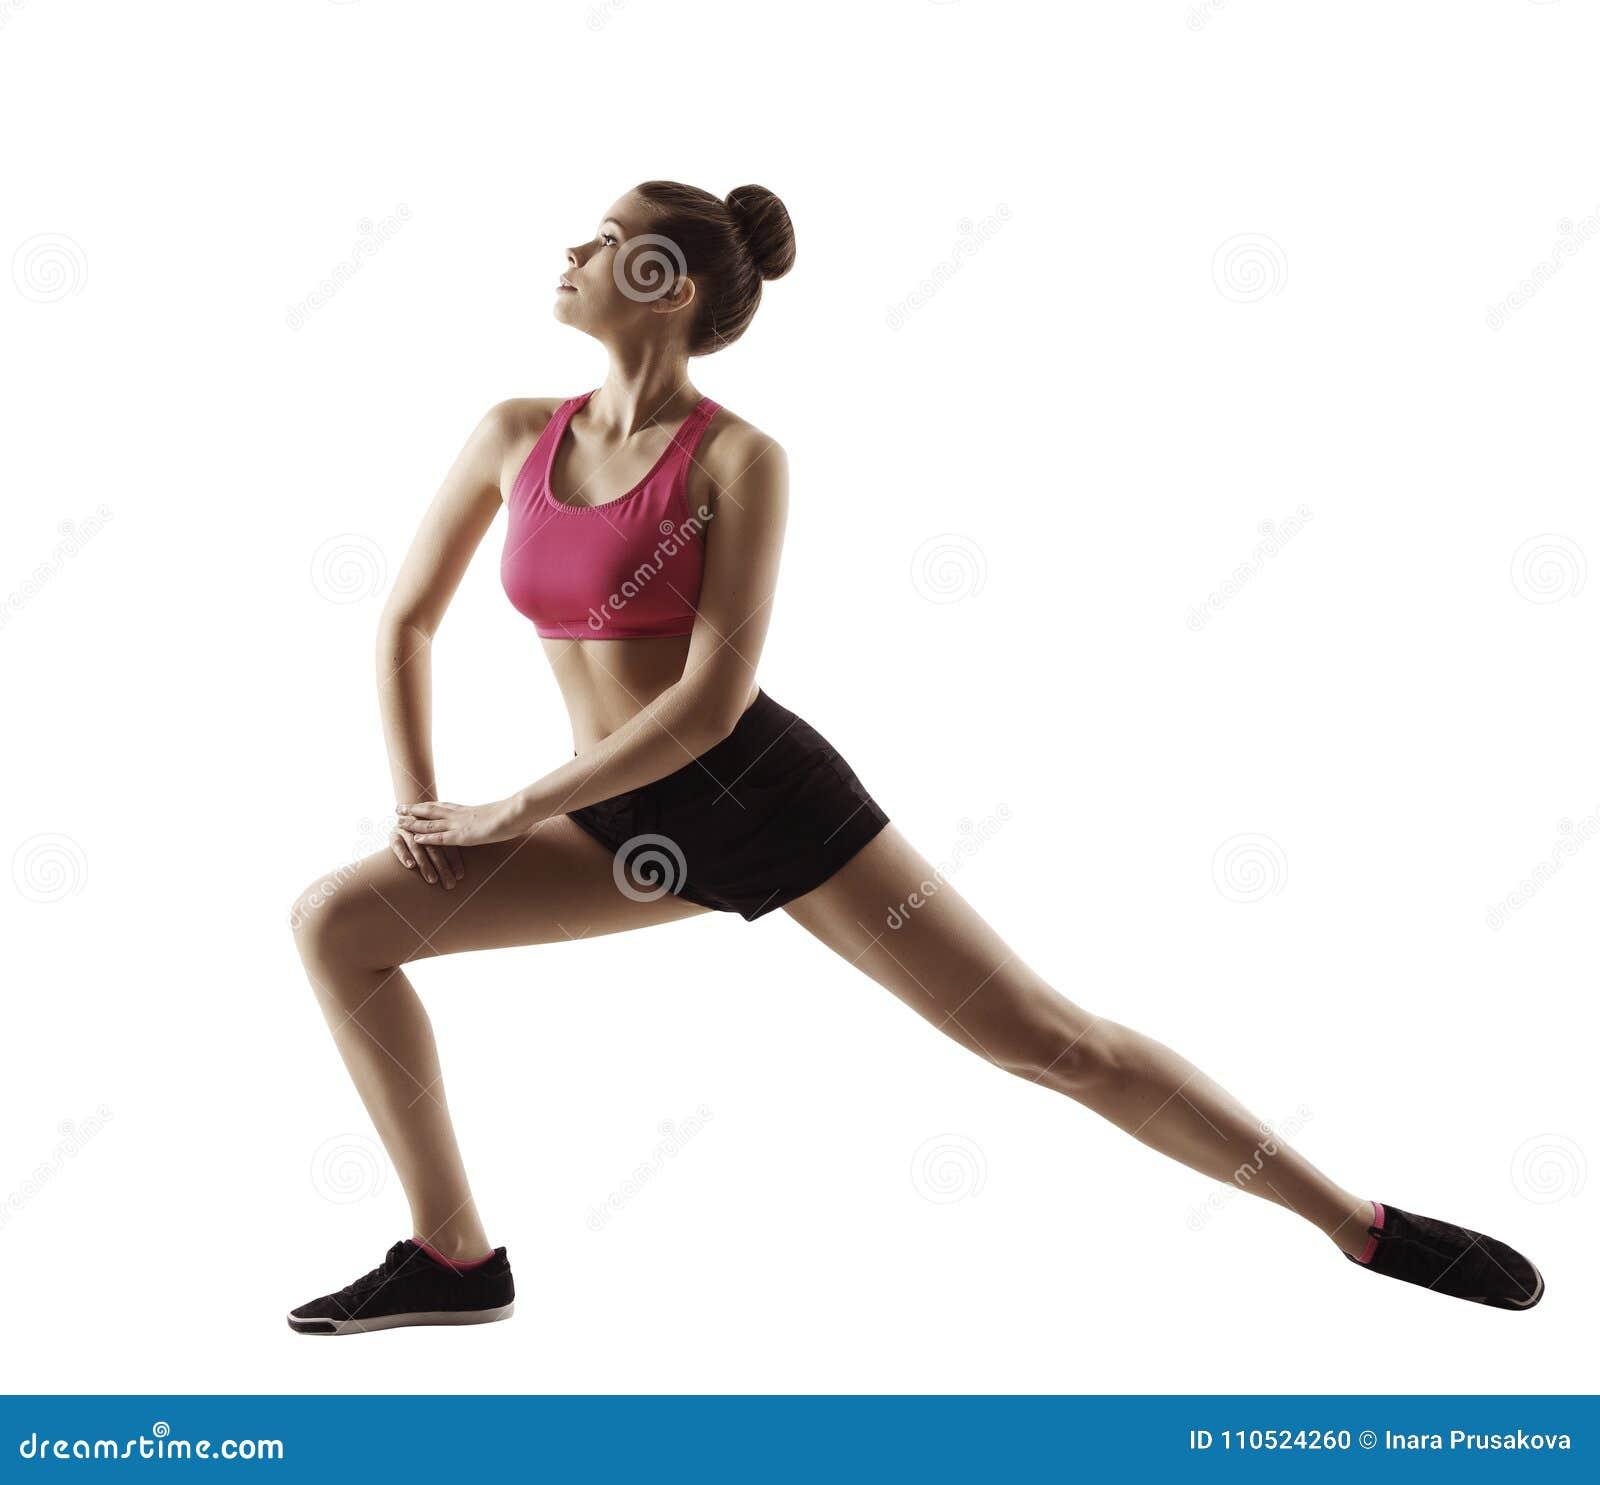 Sprawności fizycznej kobiety rozciągliwości gimnastyk trening, Rozciąga noga sport